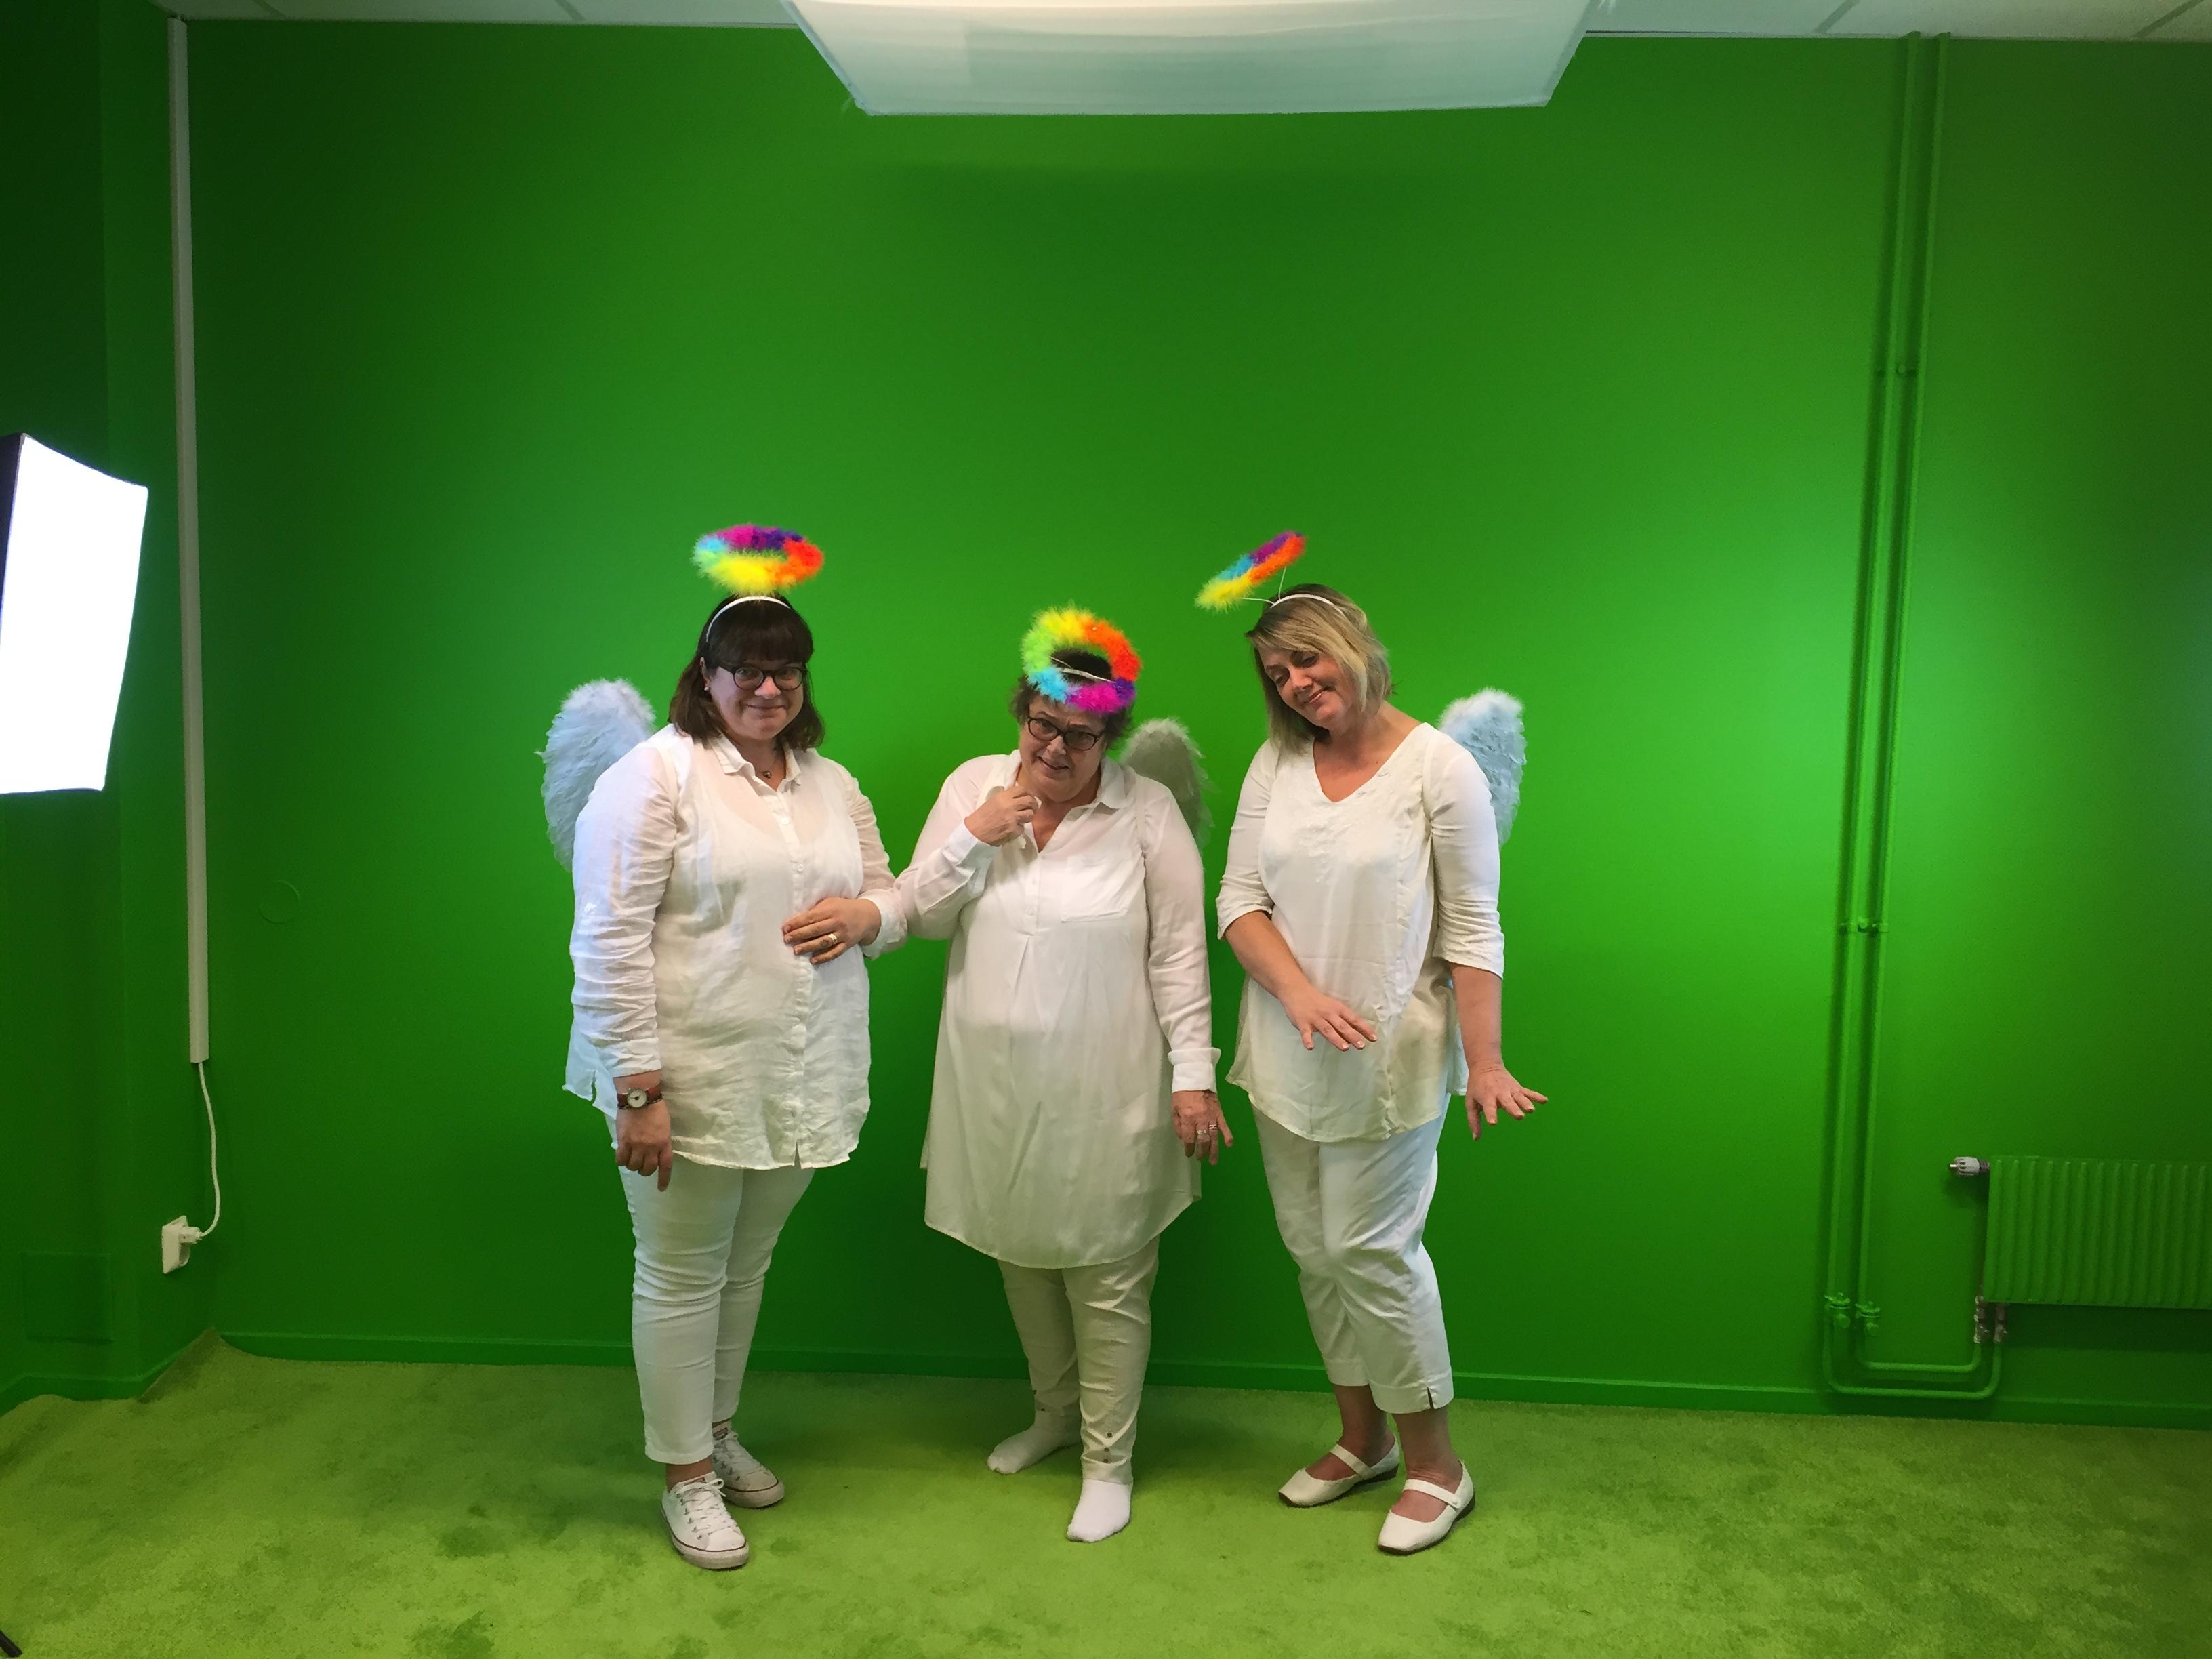 Tre kvinnor utklädda till änglar framför grön vägg.